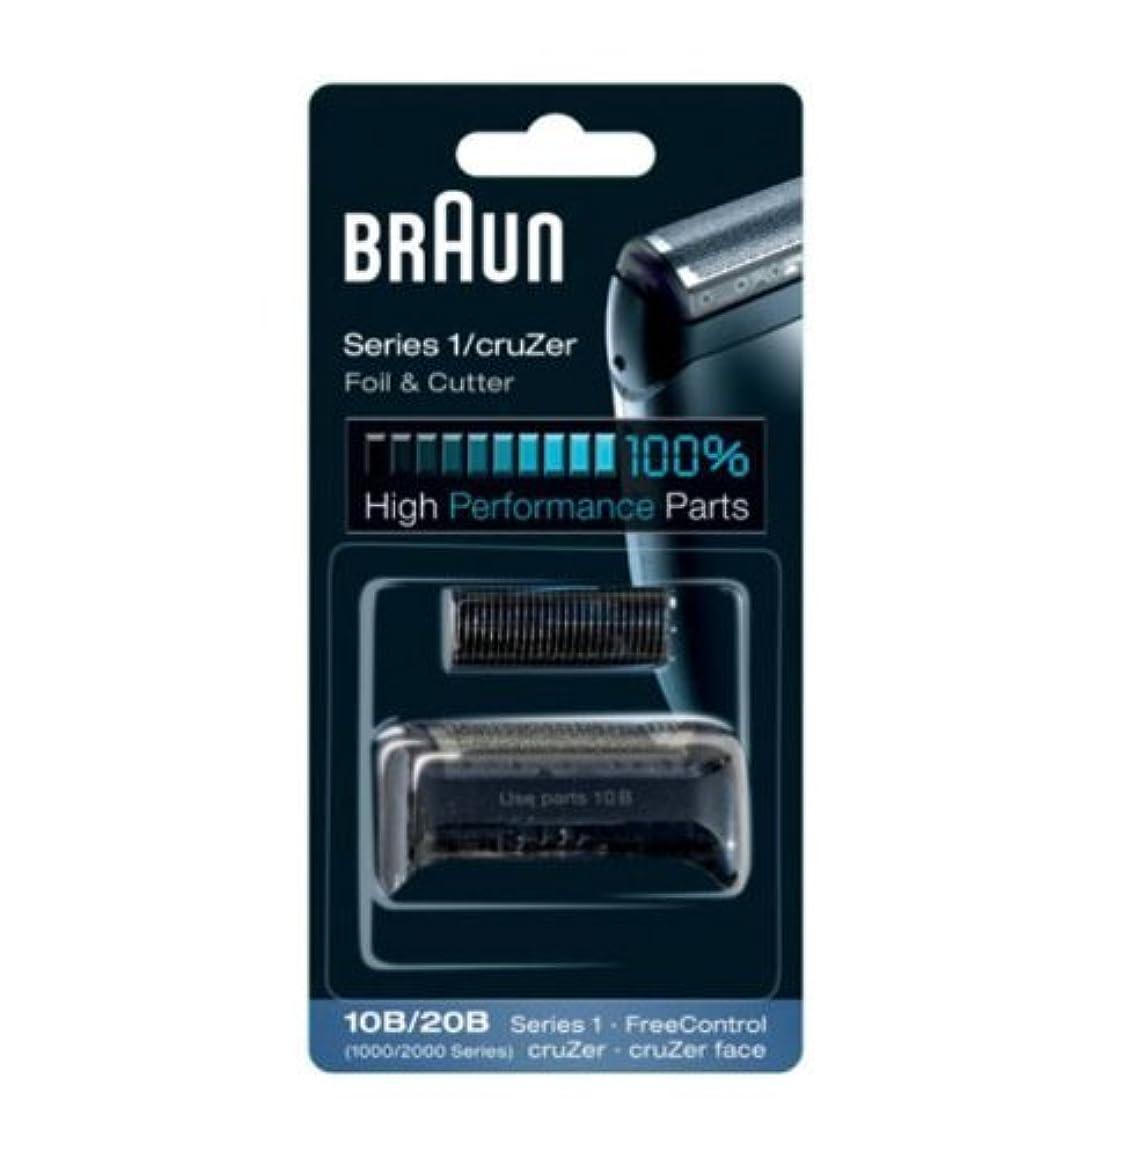 キャロライン拡声器拒絶するBraun Replacement Foil & Cutter - 10B, Series 1,FreeControl - 1000 Series by Braun [並行輸入品]